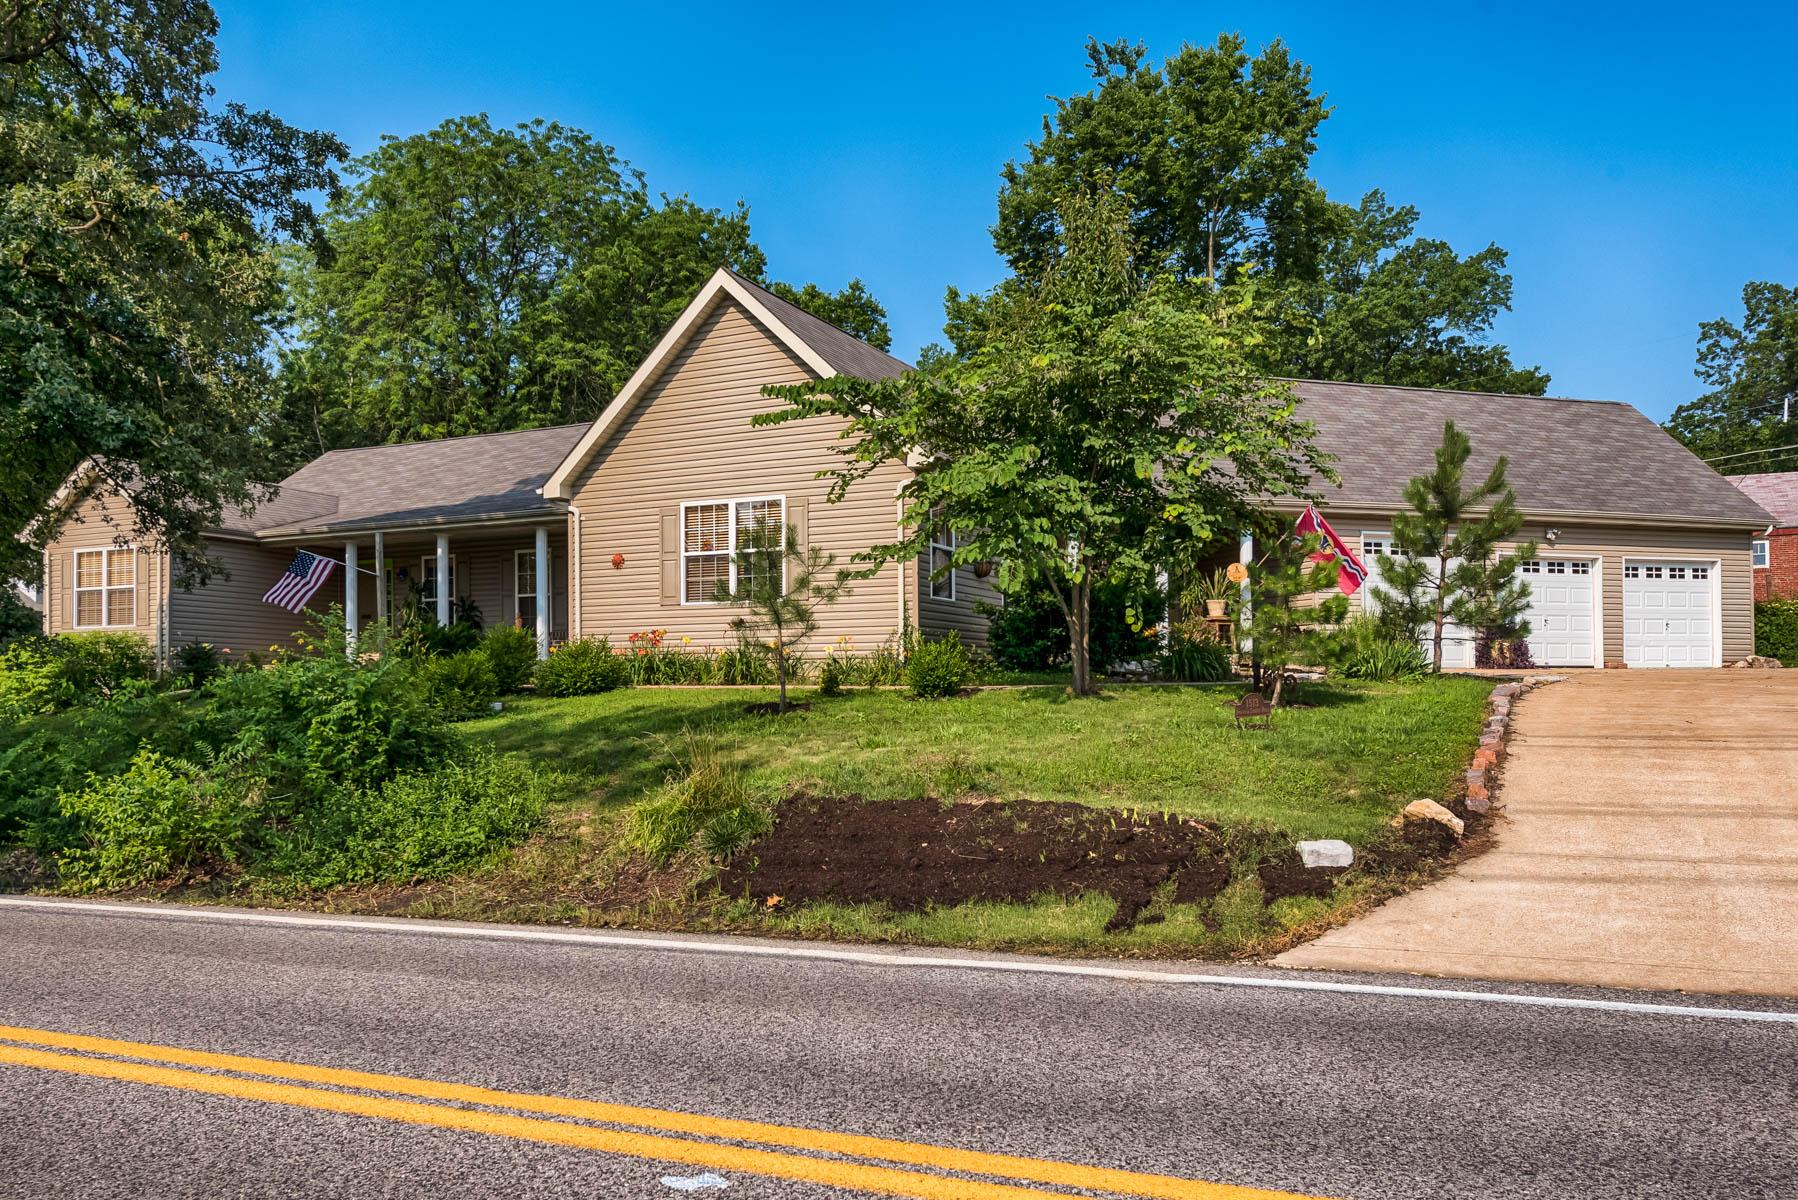 Casa para uma família para Venda às North and South 1513 North and South University City, Missouri 63130 Estados Unidos